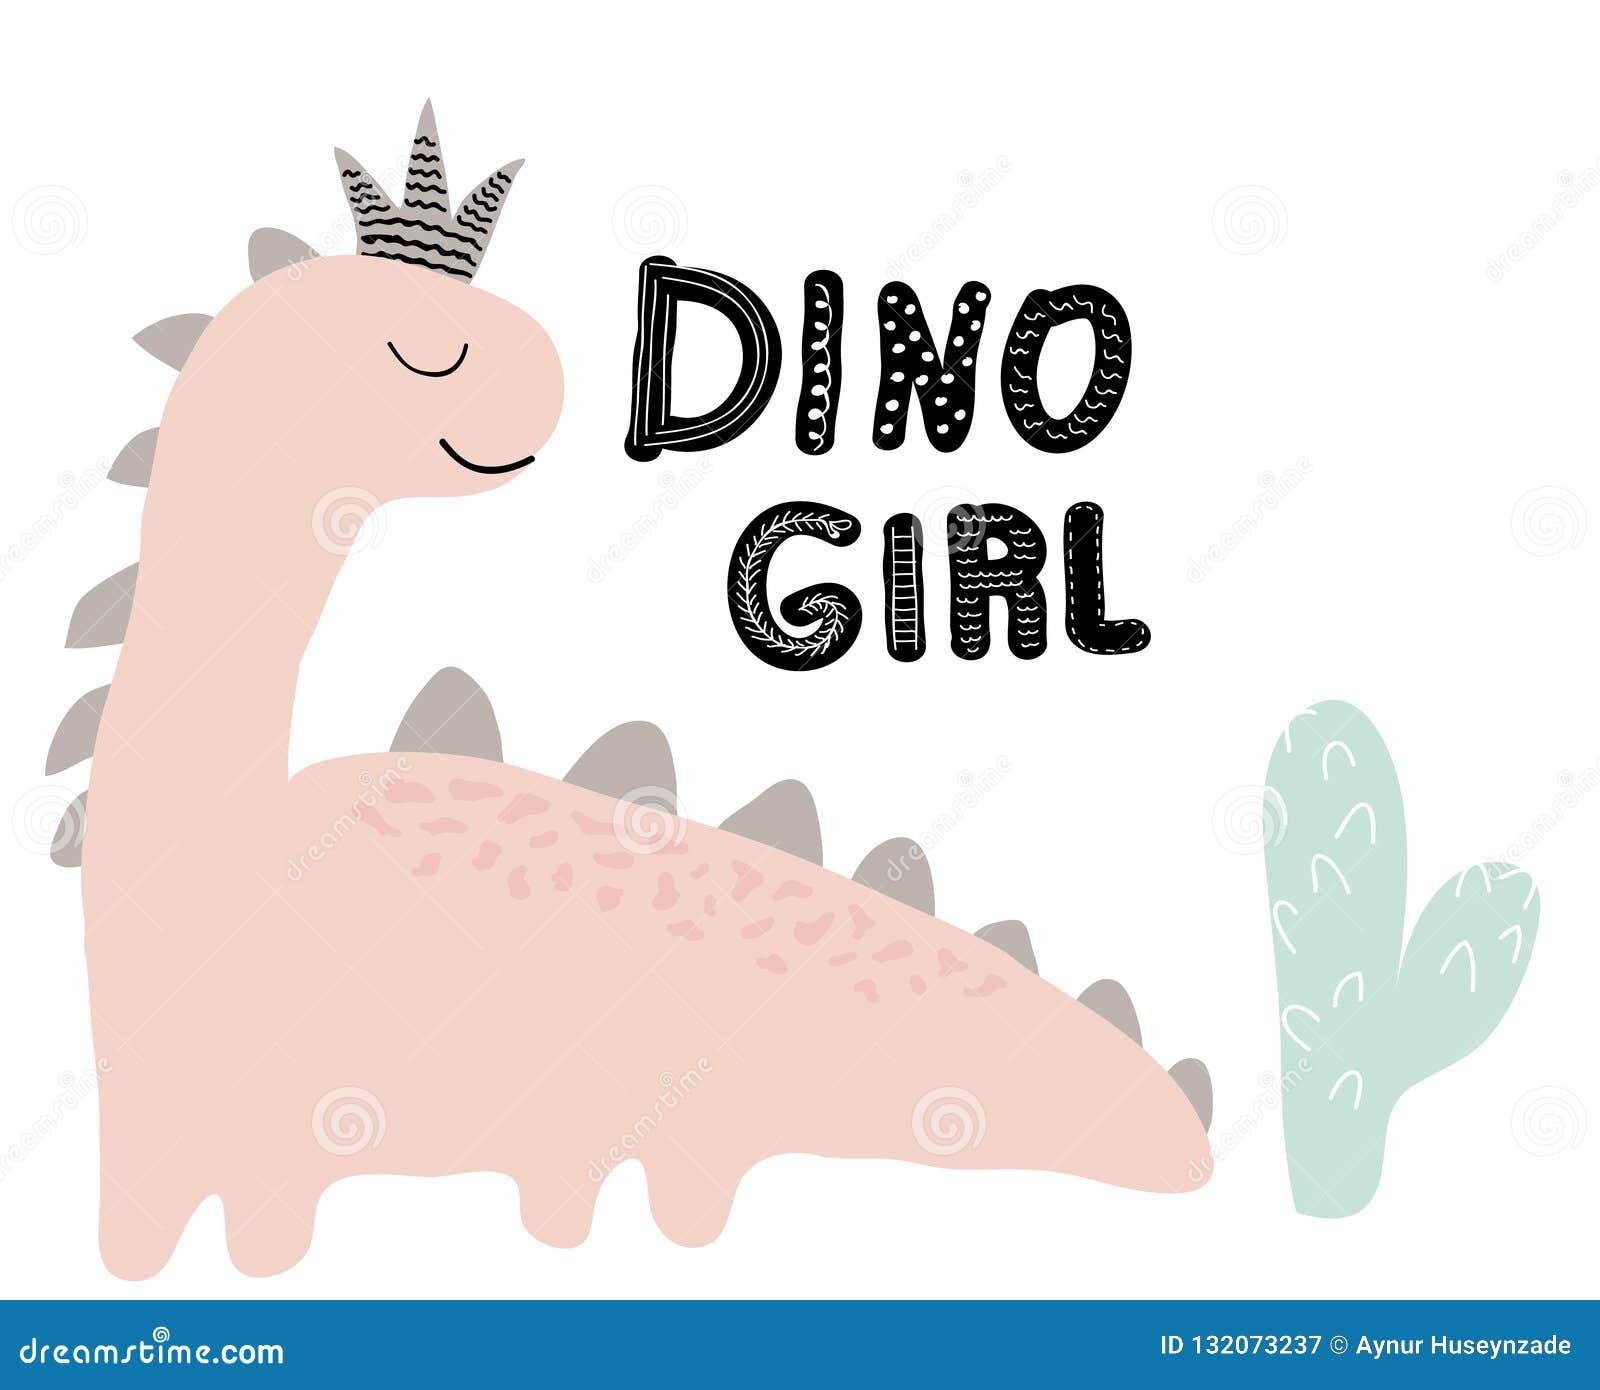 Stampa di vettore della ragazza del dinosauro nello stile scandinavo illustrazione chldish per la maglietta, modo dei bambini, te